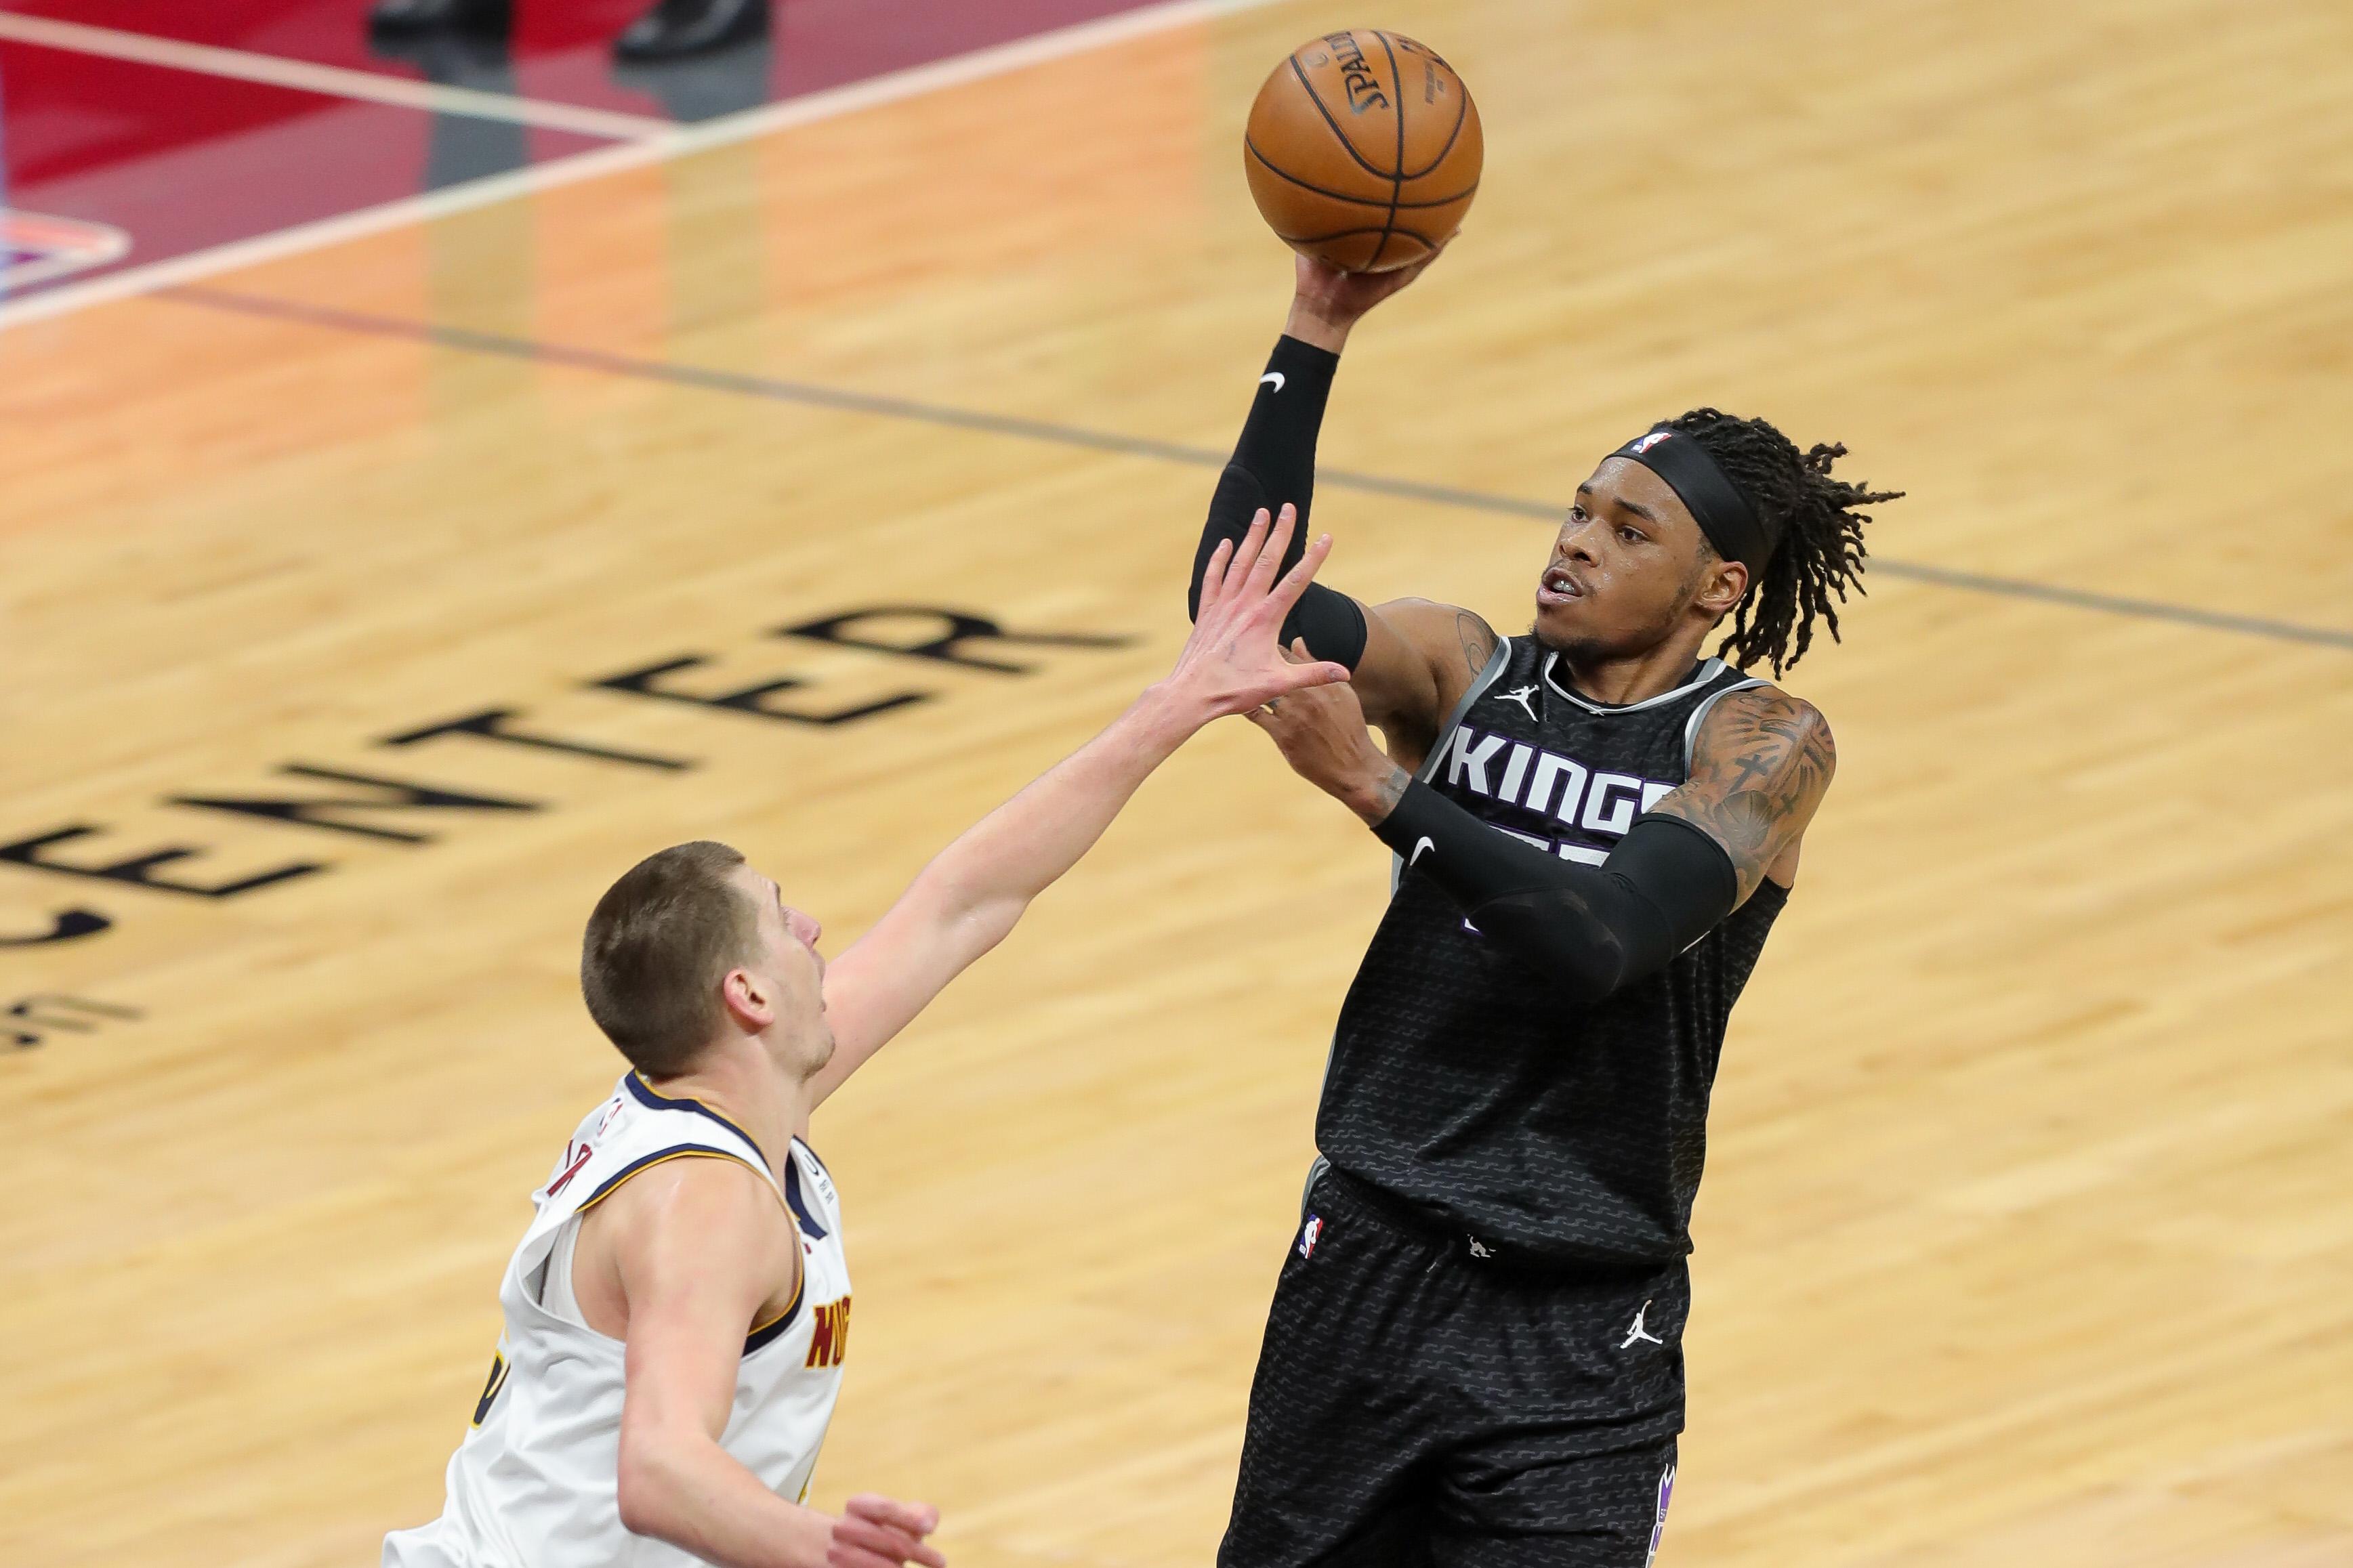 Feb 6, 2021; Sacramento, California, USA; Sacramento Kings center Richaun Holmes (22) shoots the ball over Denver Nuggets center Nikola Jokic (15) during the third quarter at Golden 1 Center.